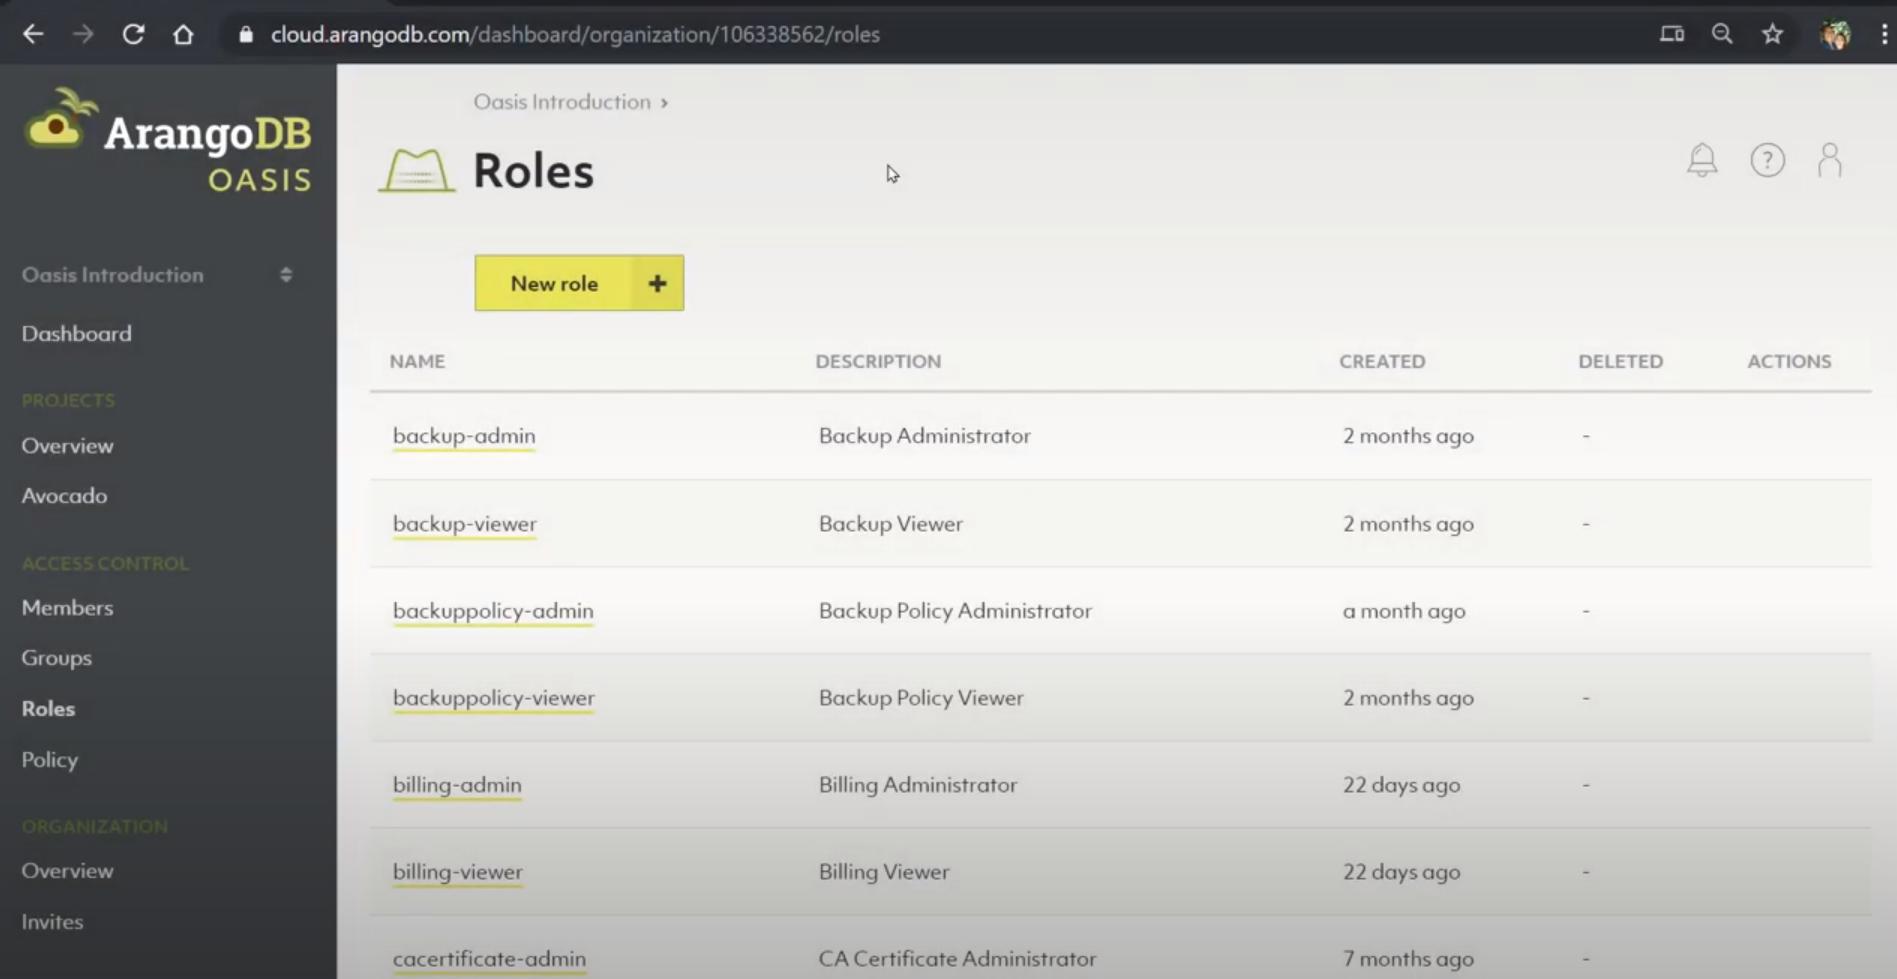 ArangoDB roles